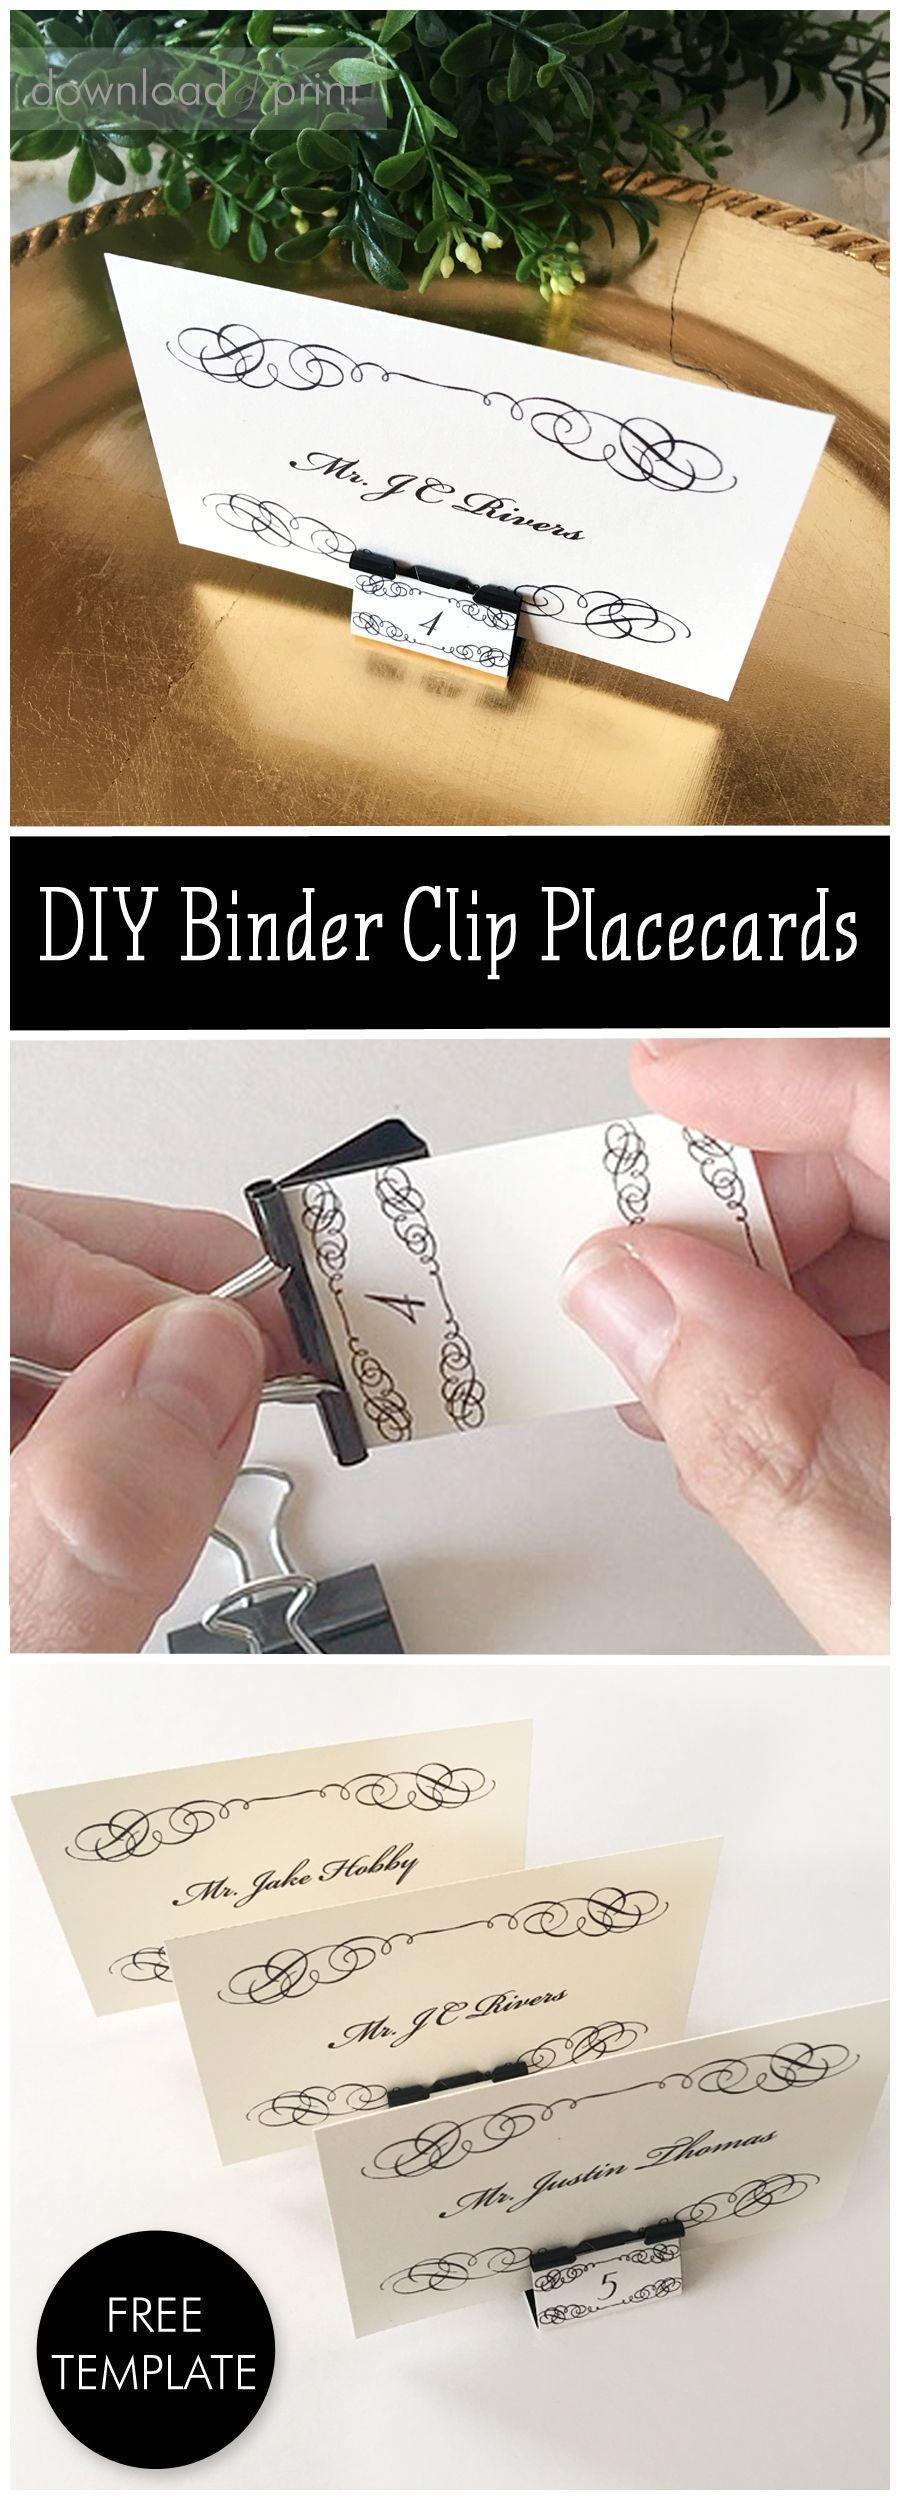 Elegant Binder Clip Place Cards